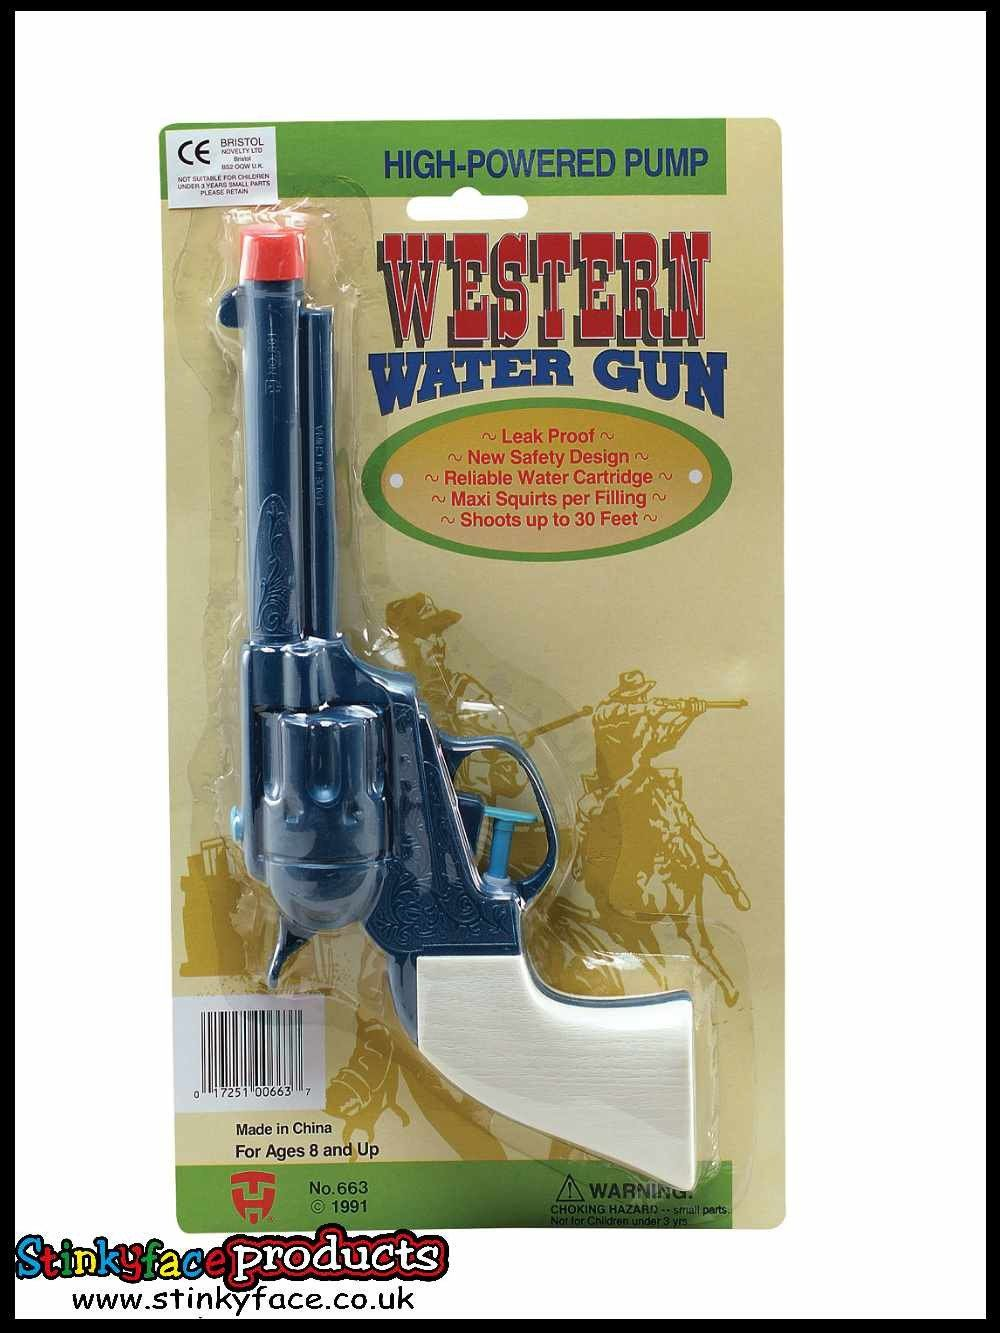 plastic cowboy gun water pistol wild west fancy dress joke squrt